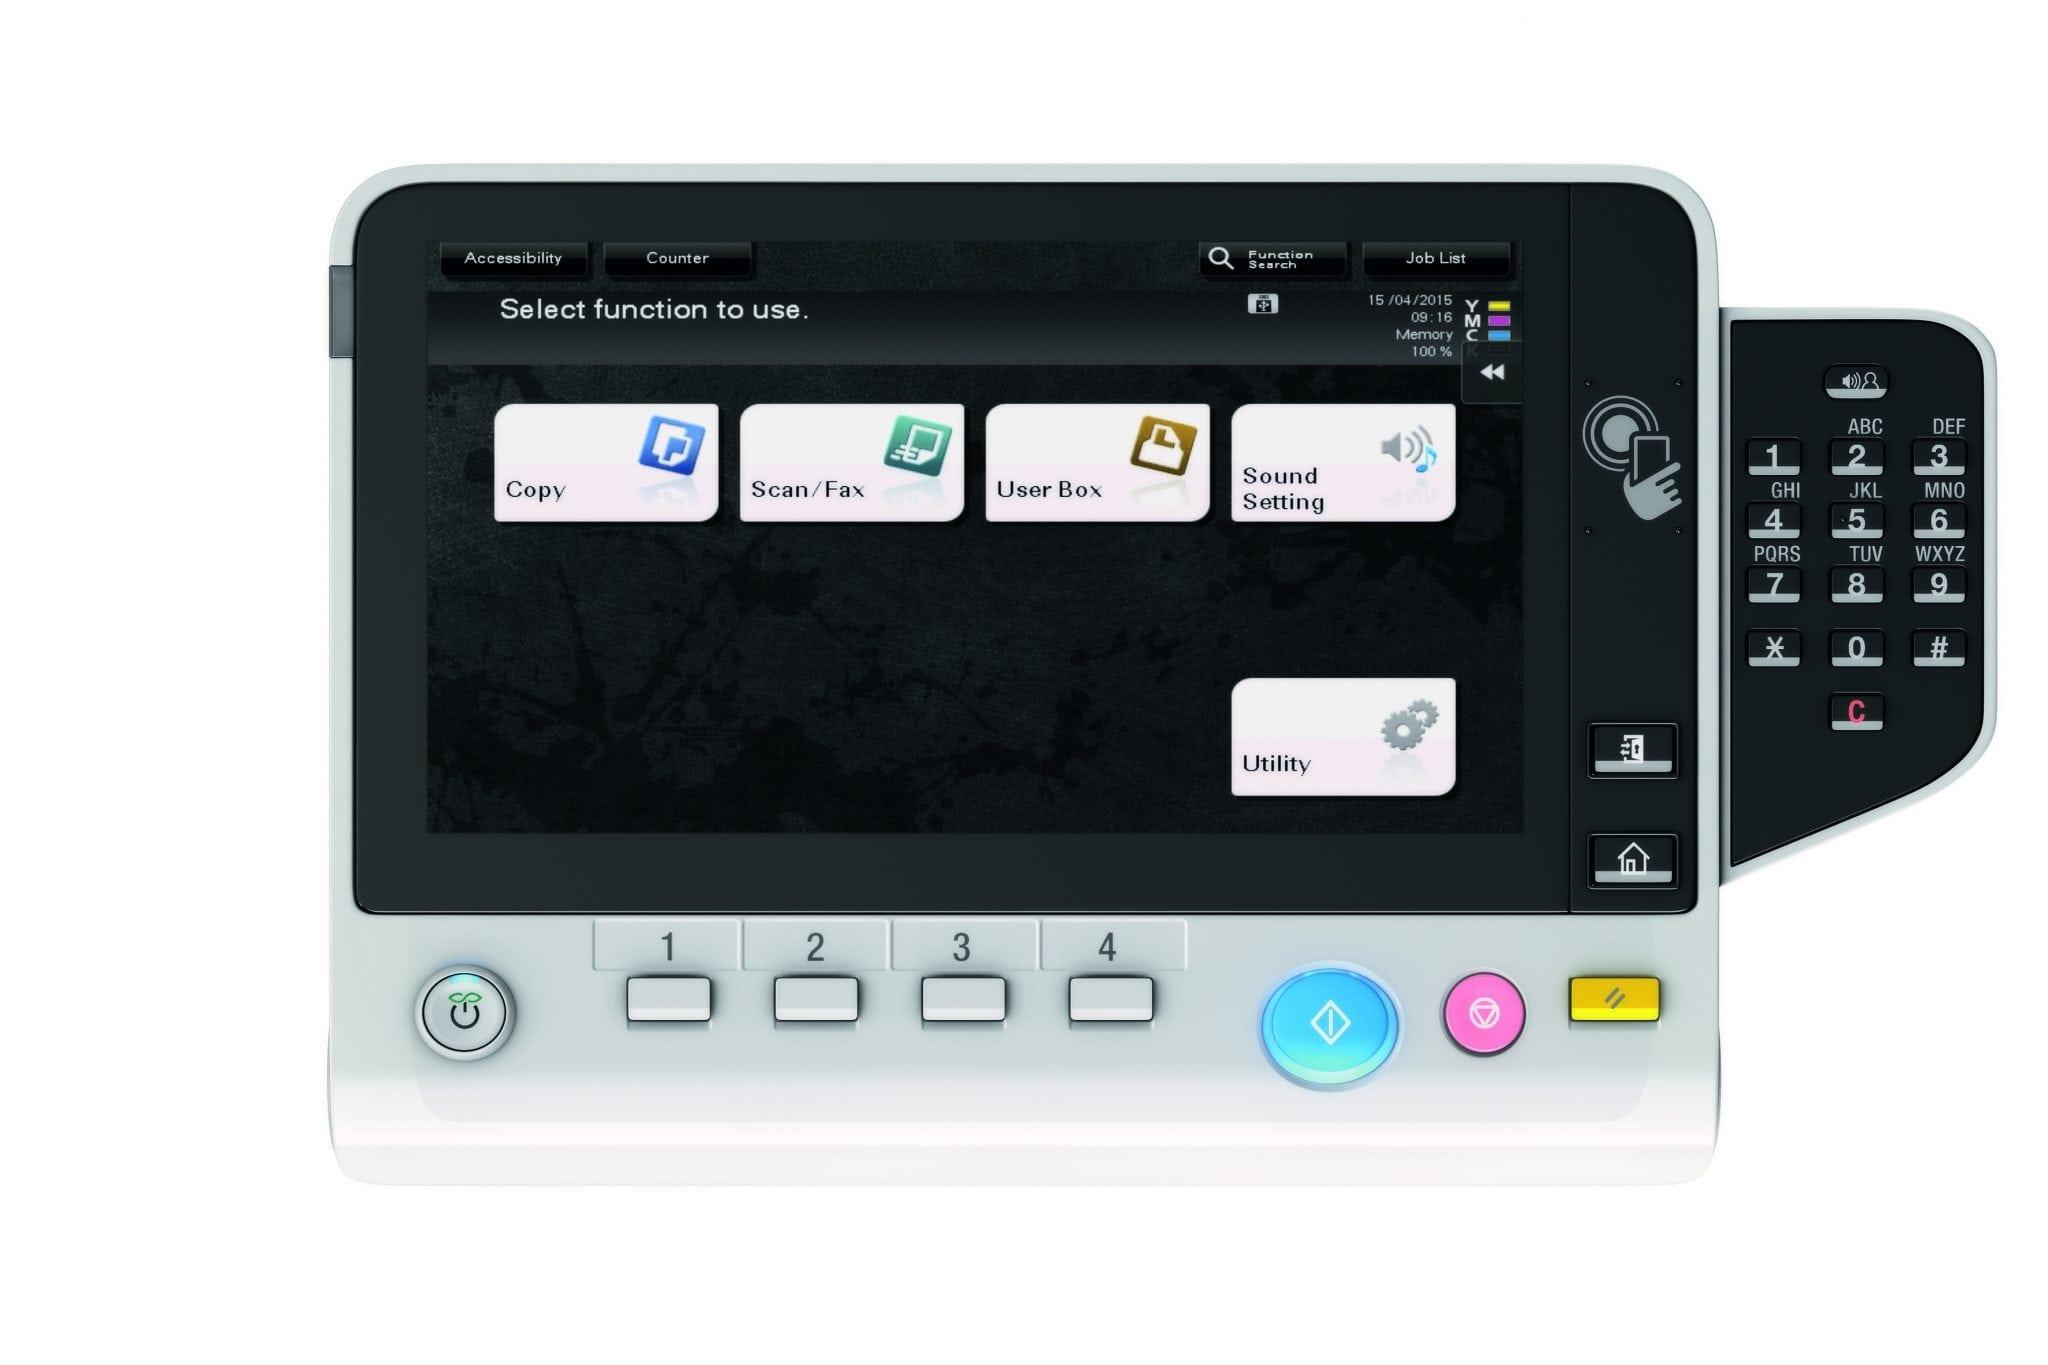 Konica Minolta lansează echipamentele office color bizhub C308 și bizhub C368 pentru un stil de lucru mobil